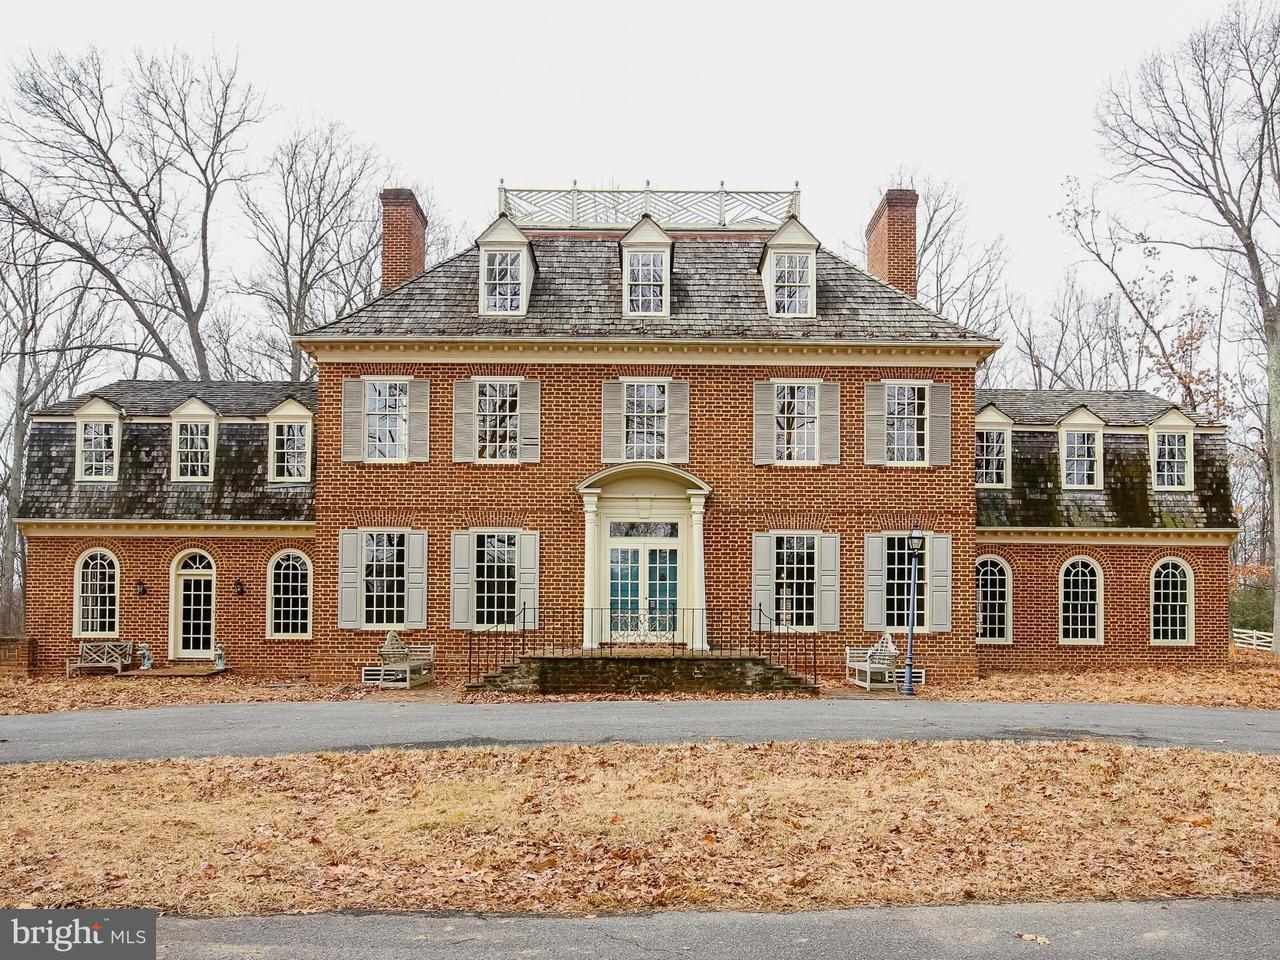 Casa Unifamiliar por un Venta en 13300 MANOR STONE Drive 13300 MANOR STONE Drive Darnestown, Maryland 20874 Estados Unidos